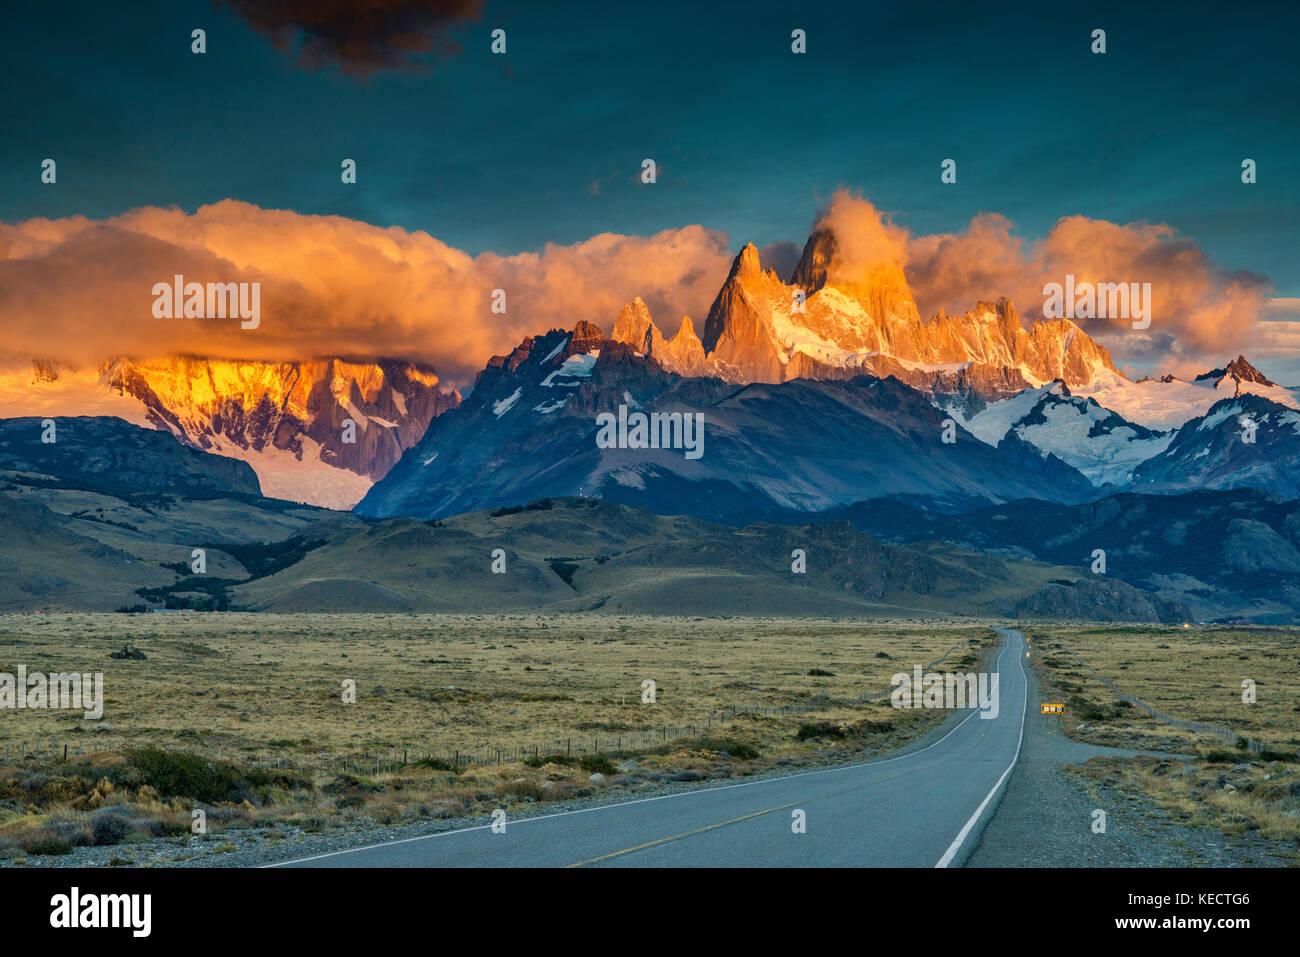 Cerro Fitz Roy rango al amanecer, Cordillera de Los Andes, el Parque Nacional Los Glaciares, camino a El Chaltén, Patagonia, Argentina Foto de stock